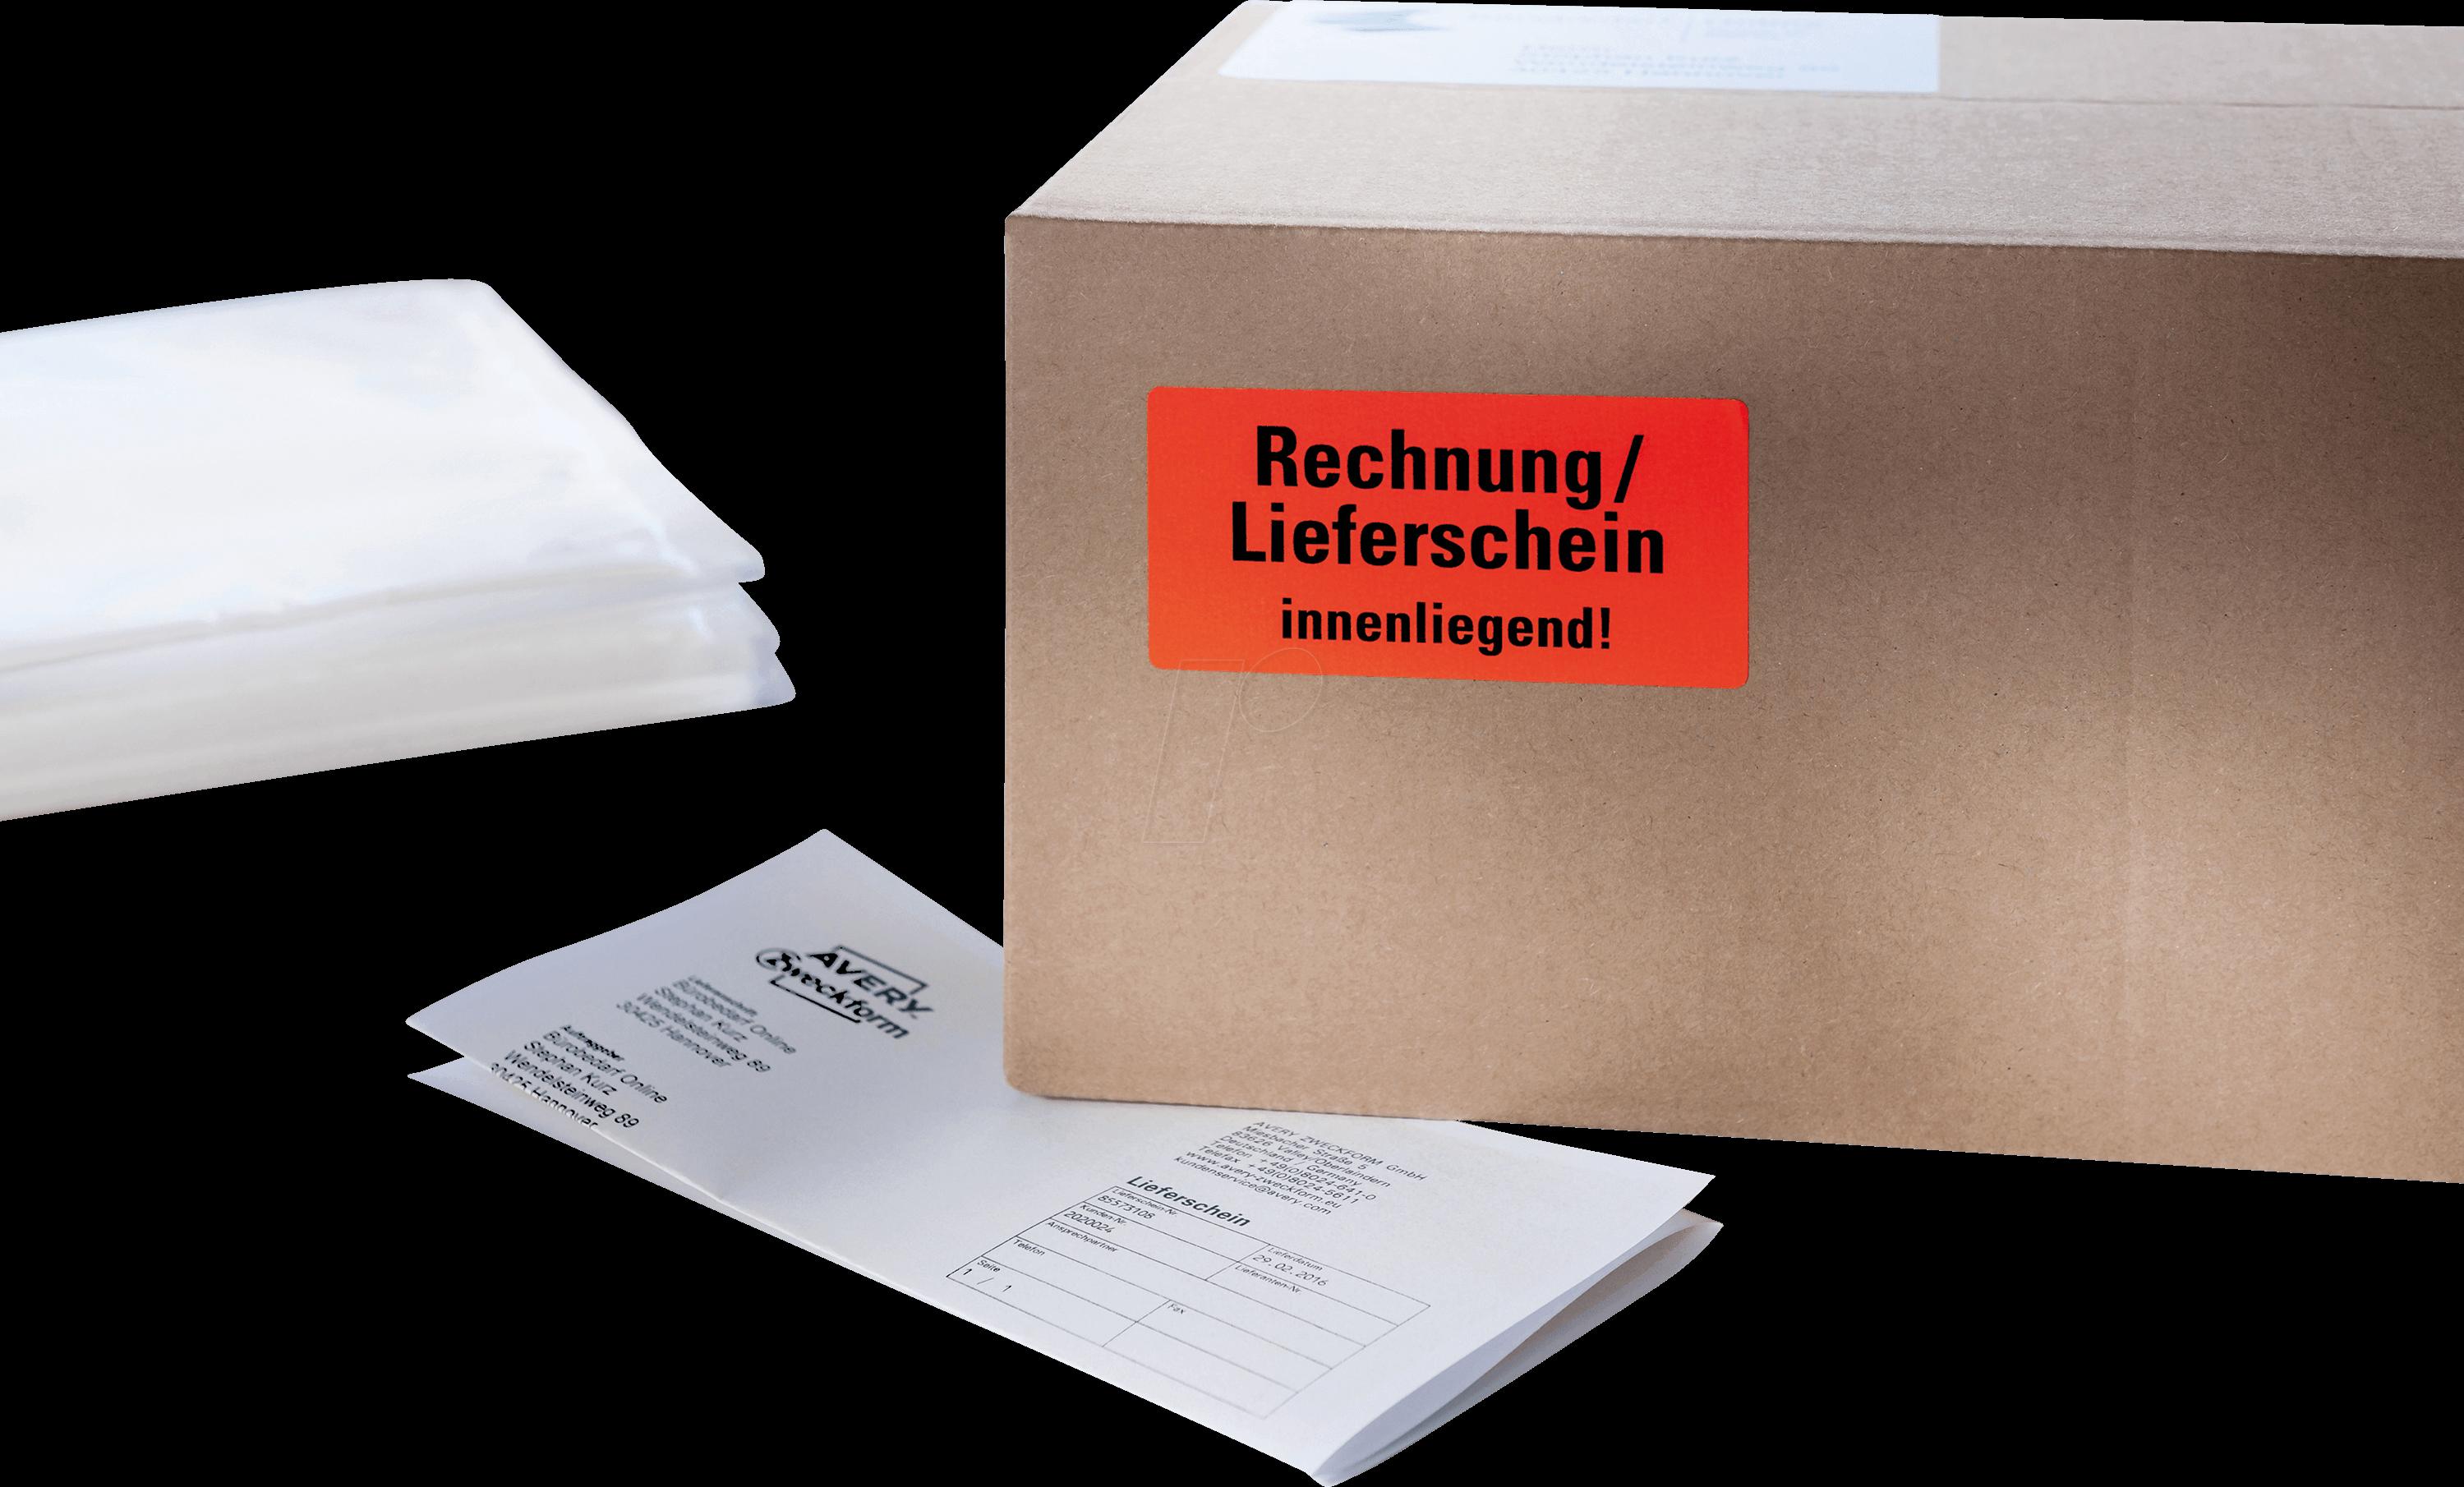 https://cdn-reichelt.de/bilder/web/xxl_ws/E460/AVZ_7212_06.png